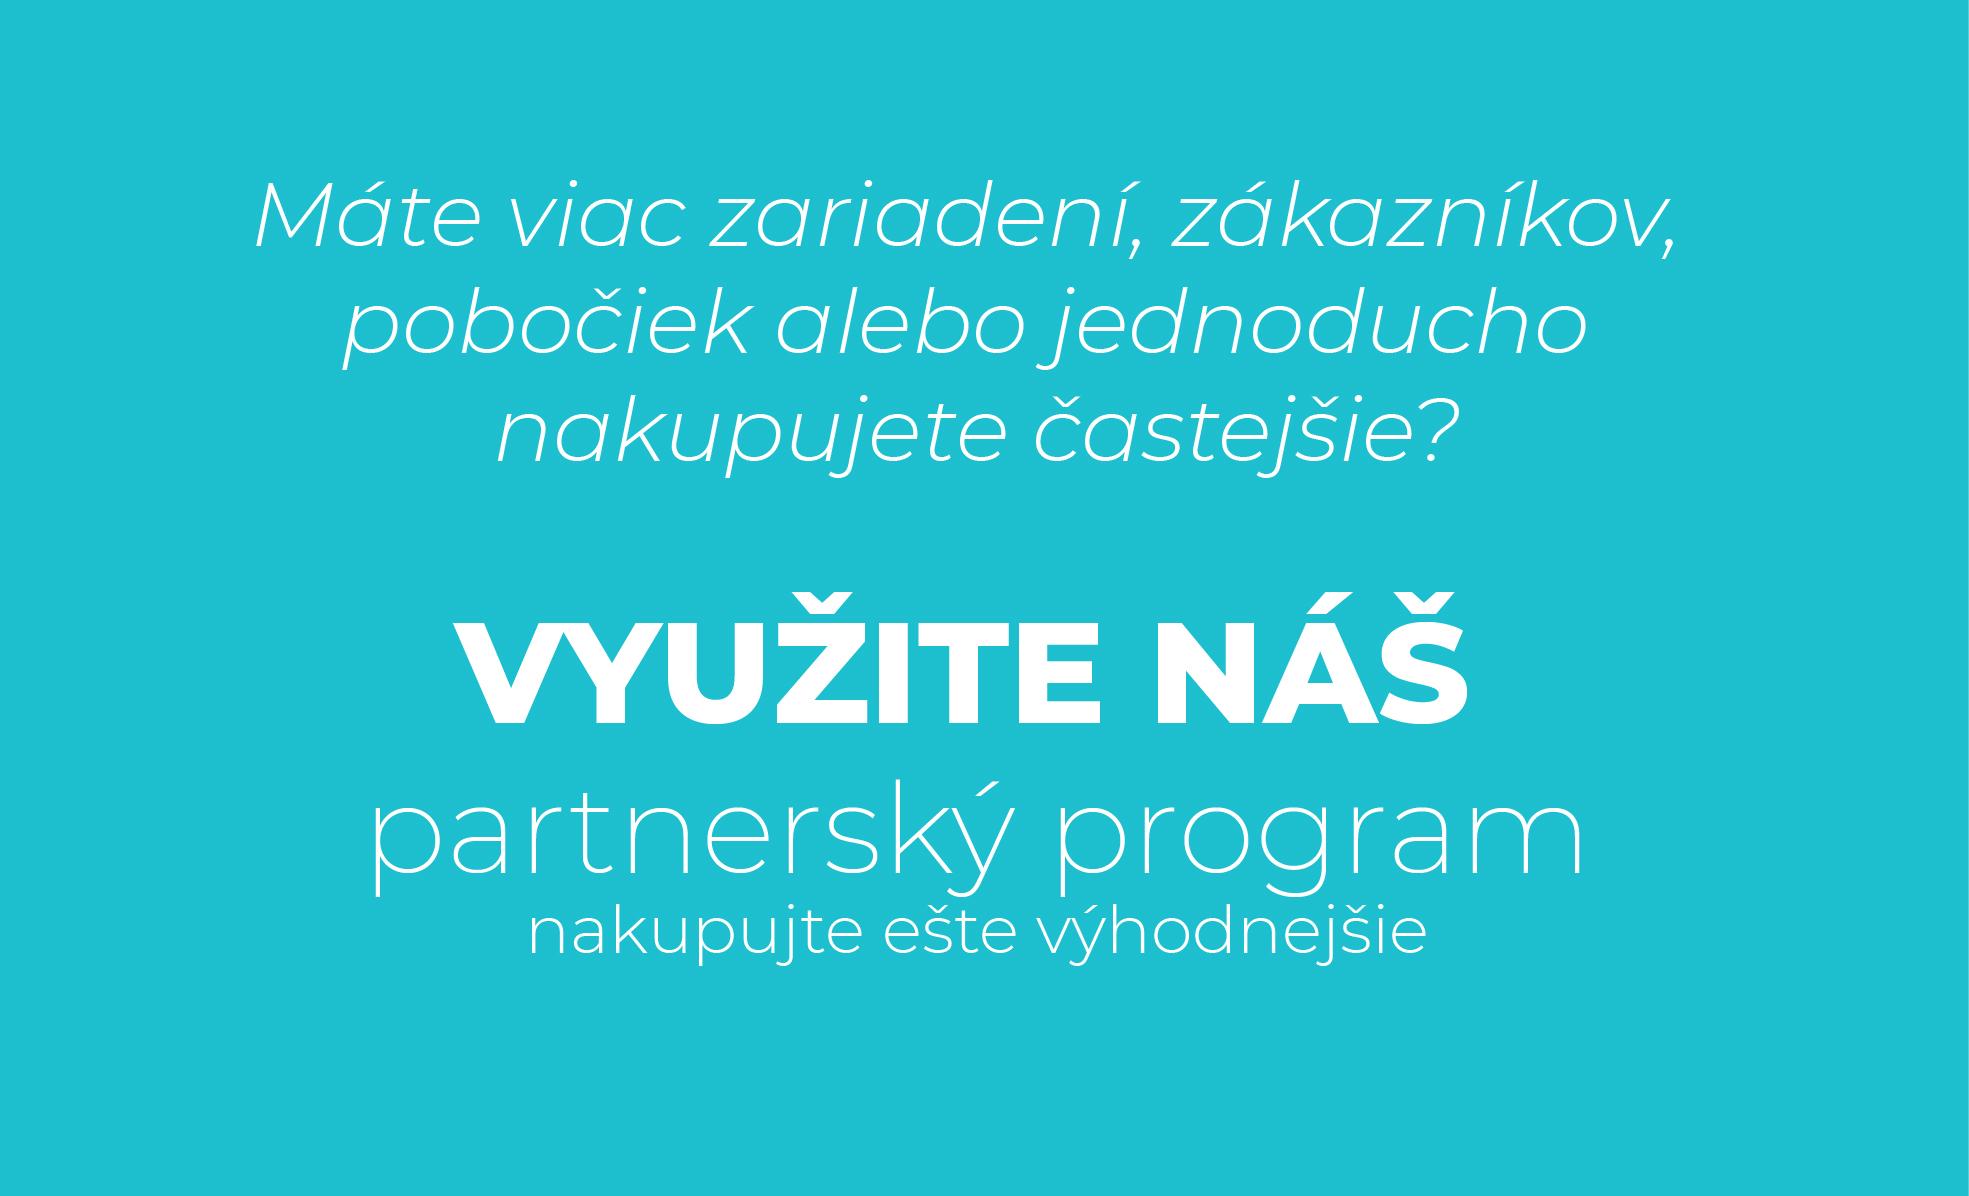 Partnerský program